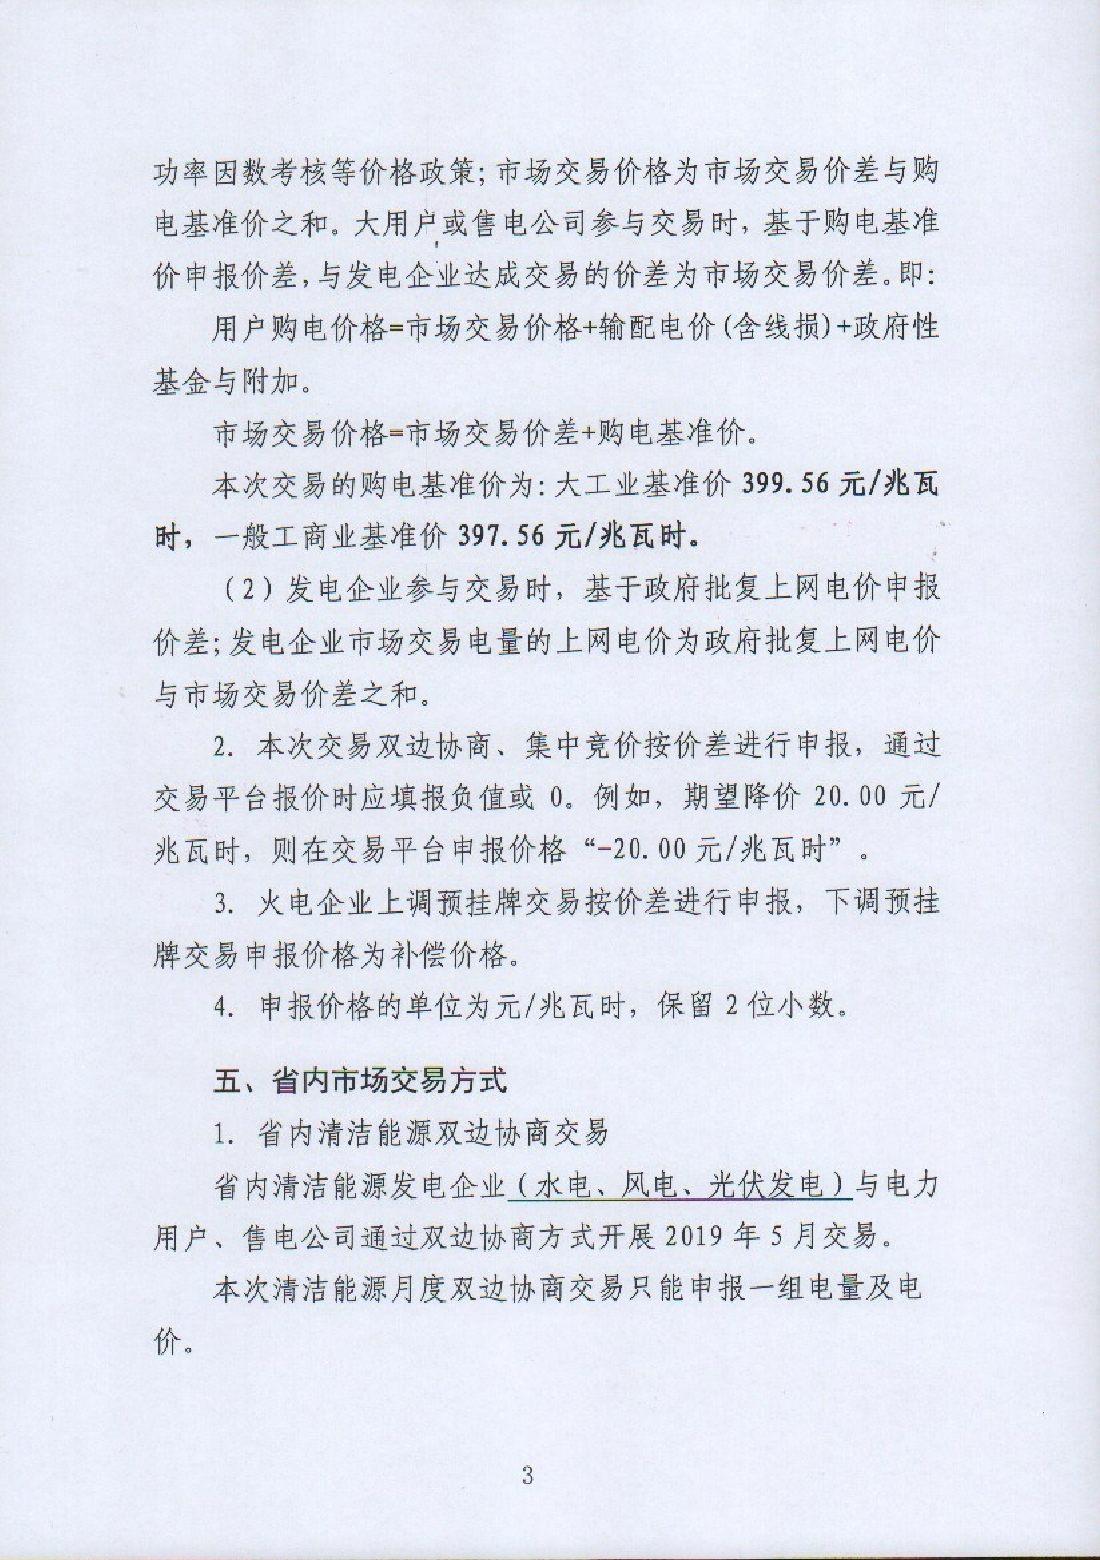 2019年第6號交易公告(5月月度交易).pdf_page_03_compressed.jpg